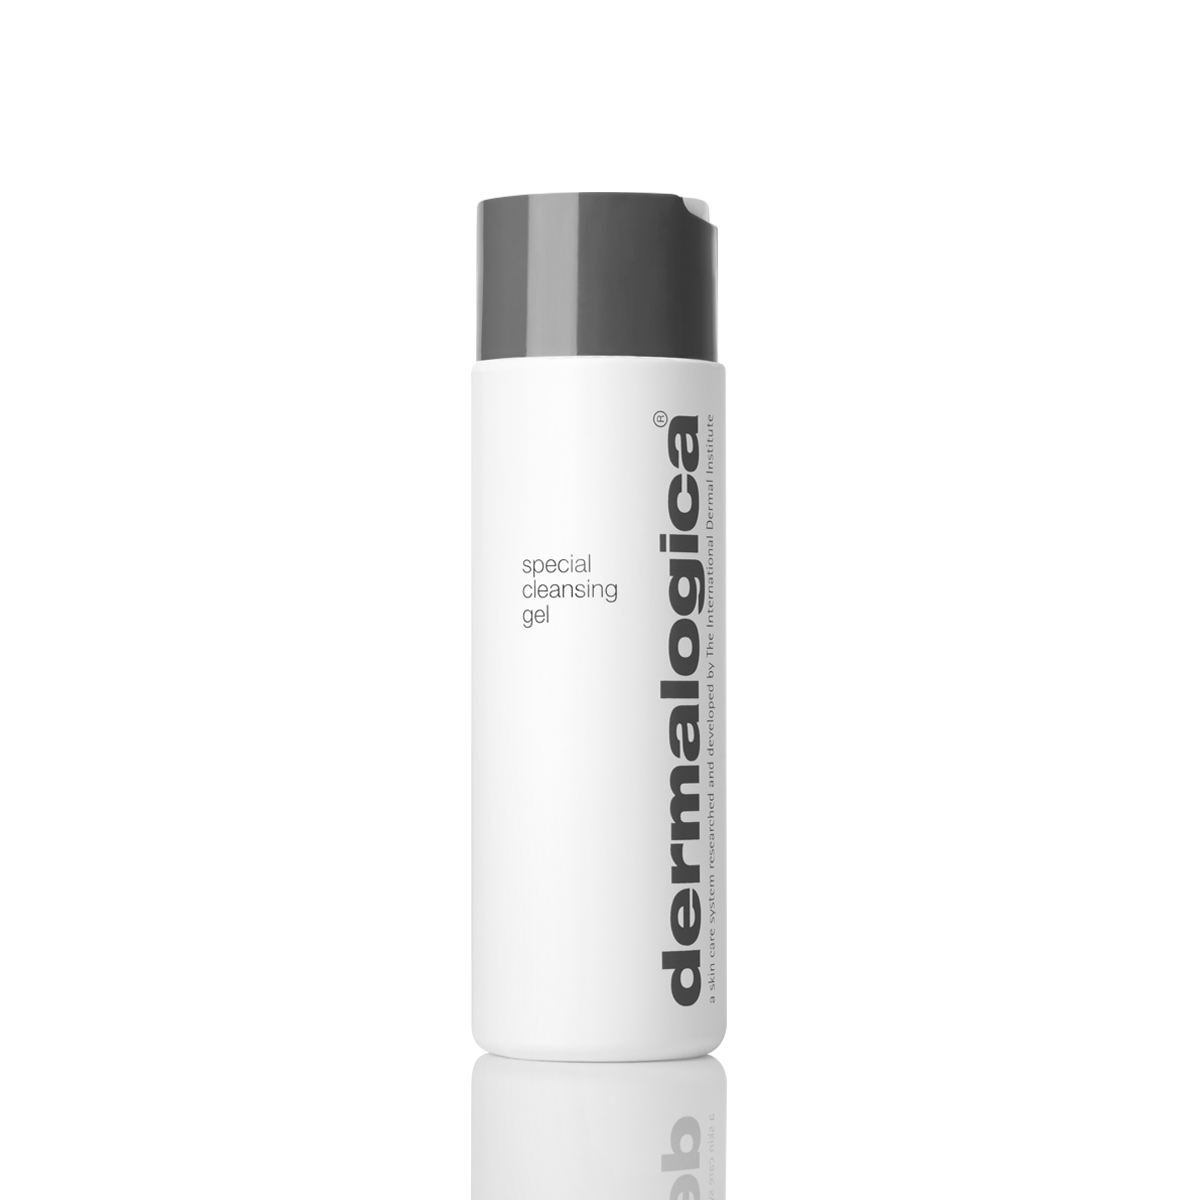 Special Cleansing Gel - 250ml-1